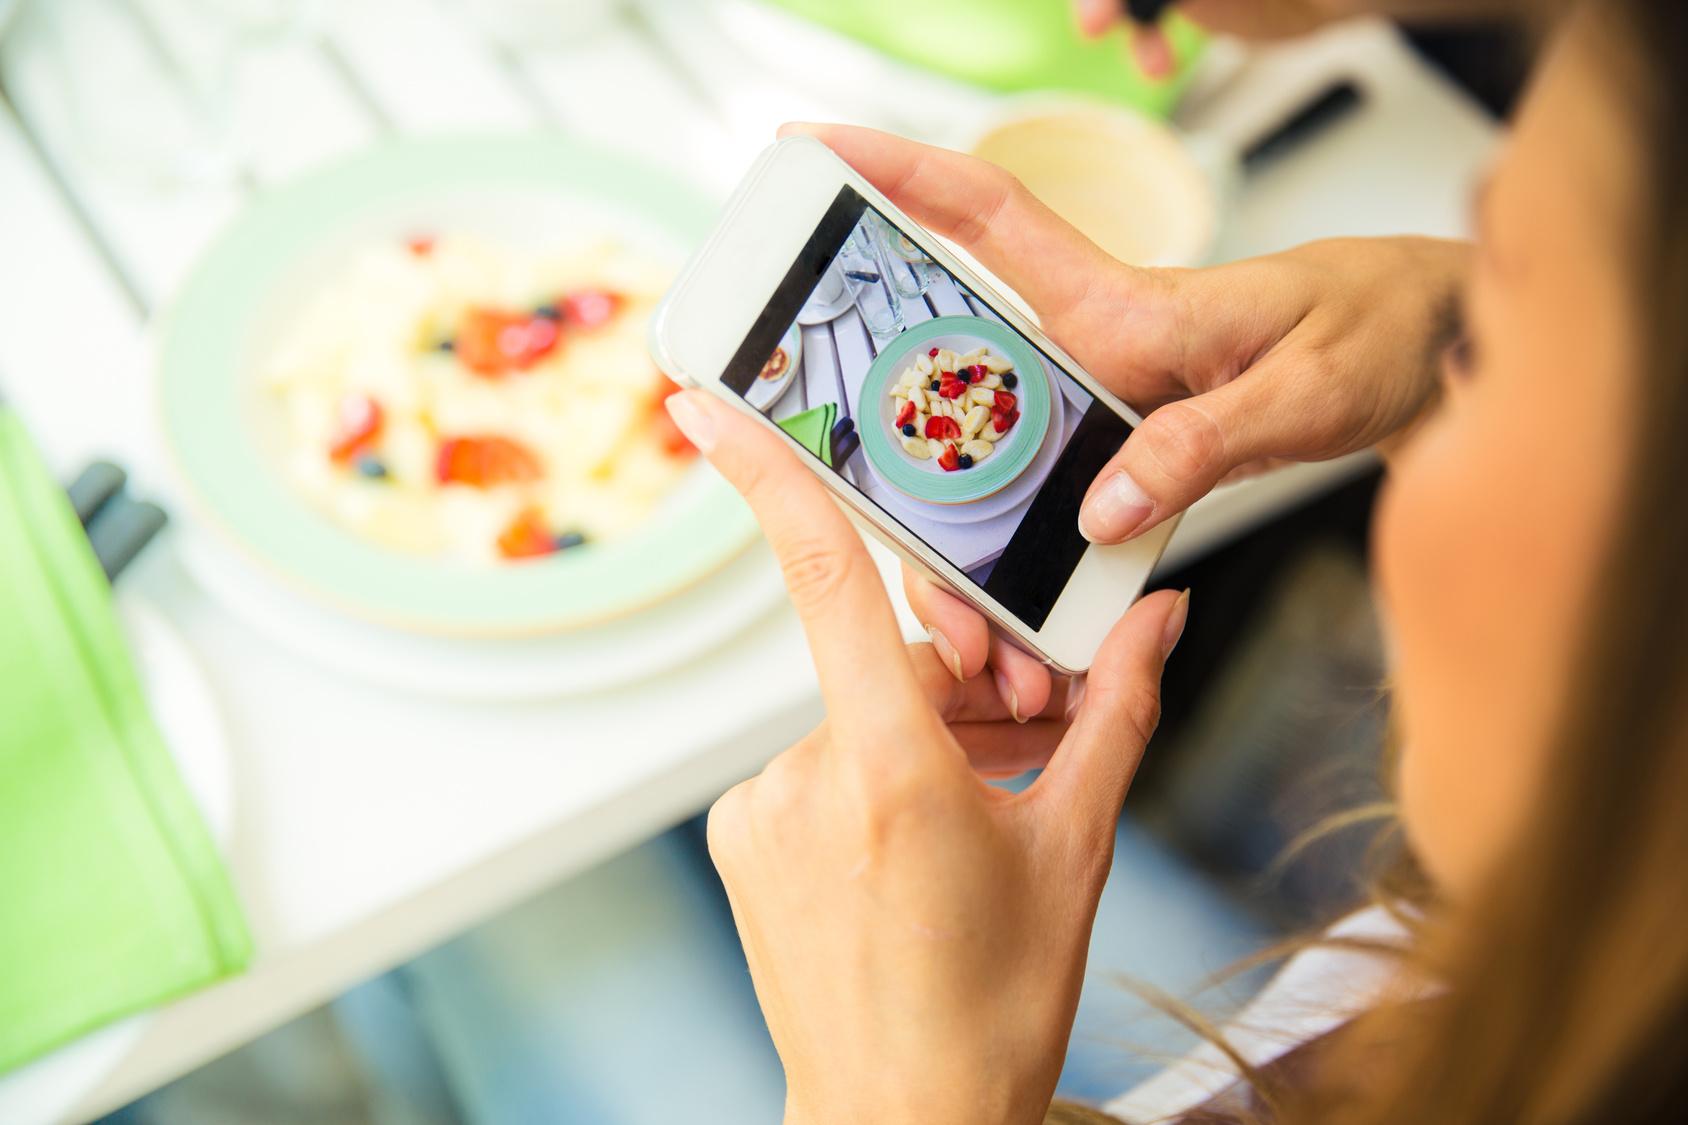 Gericht wird mit Smartphone fotofrafiert